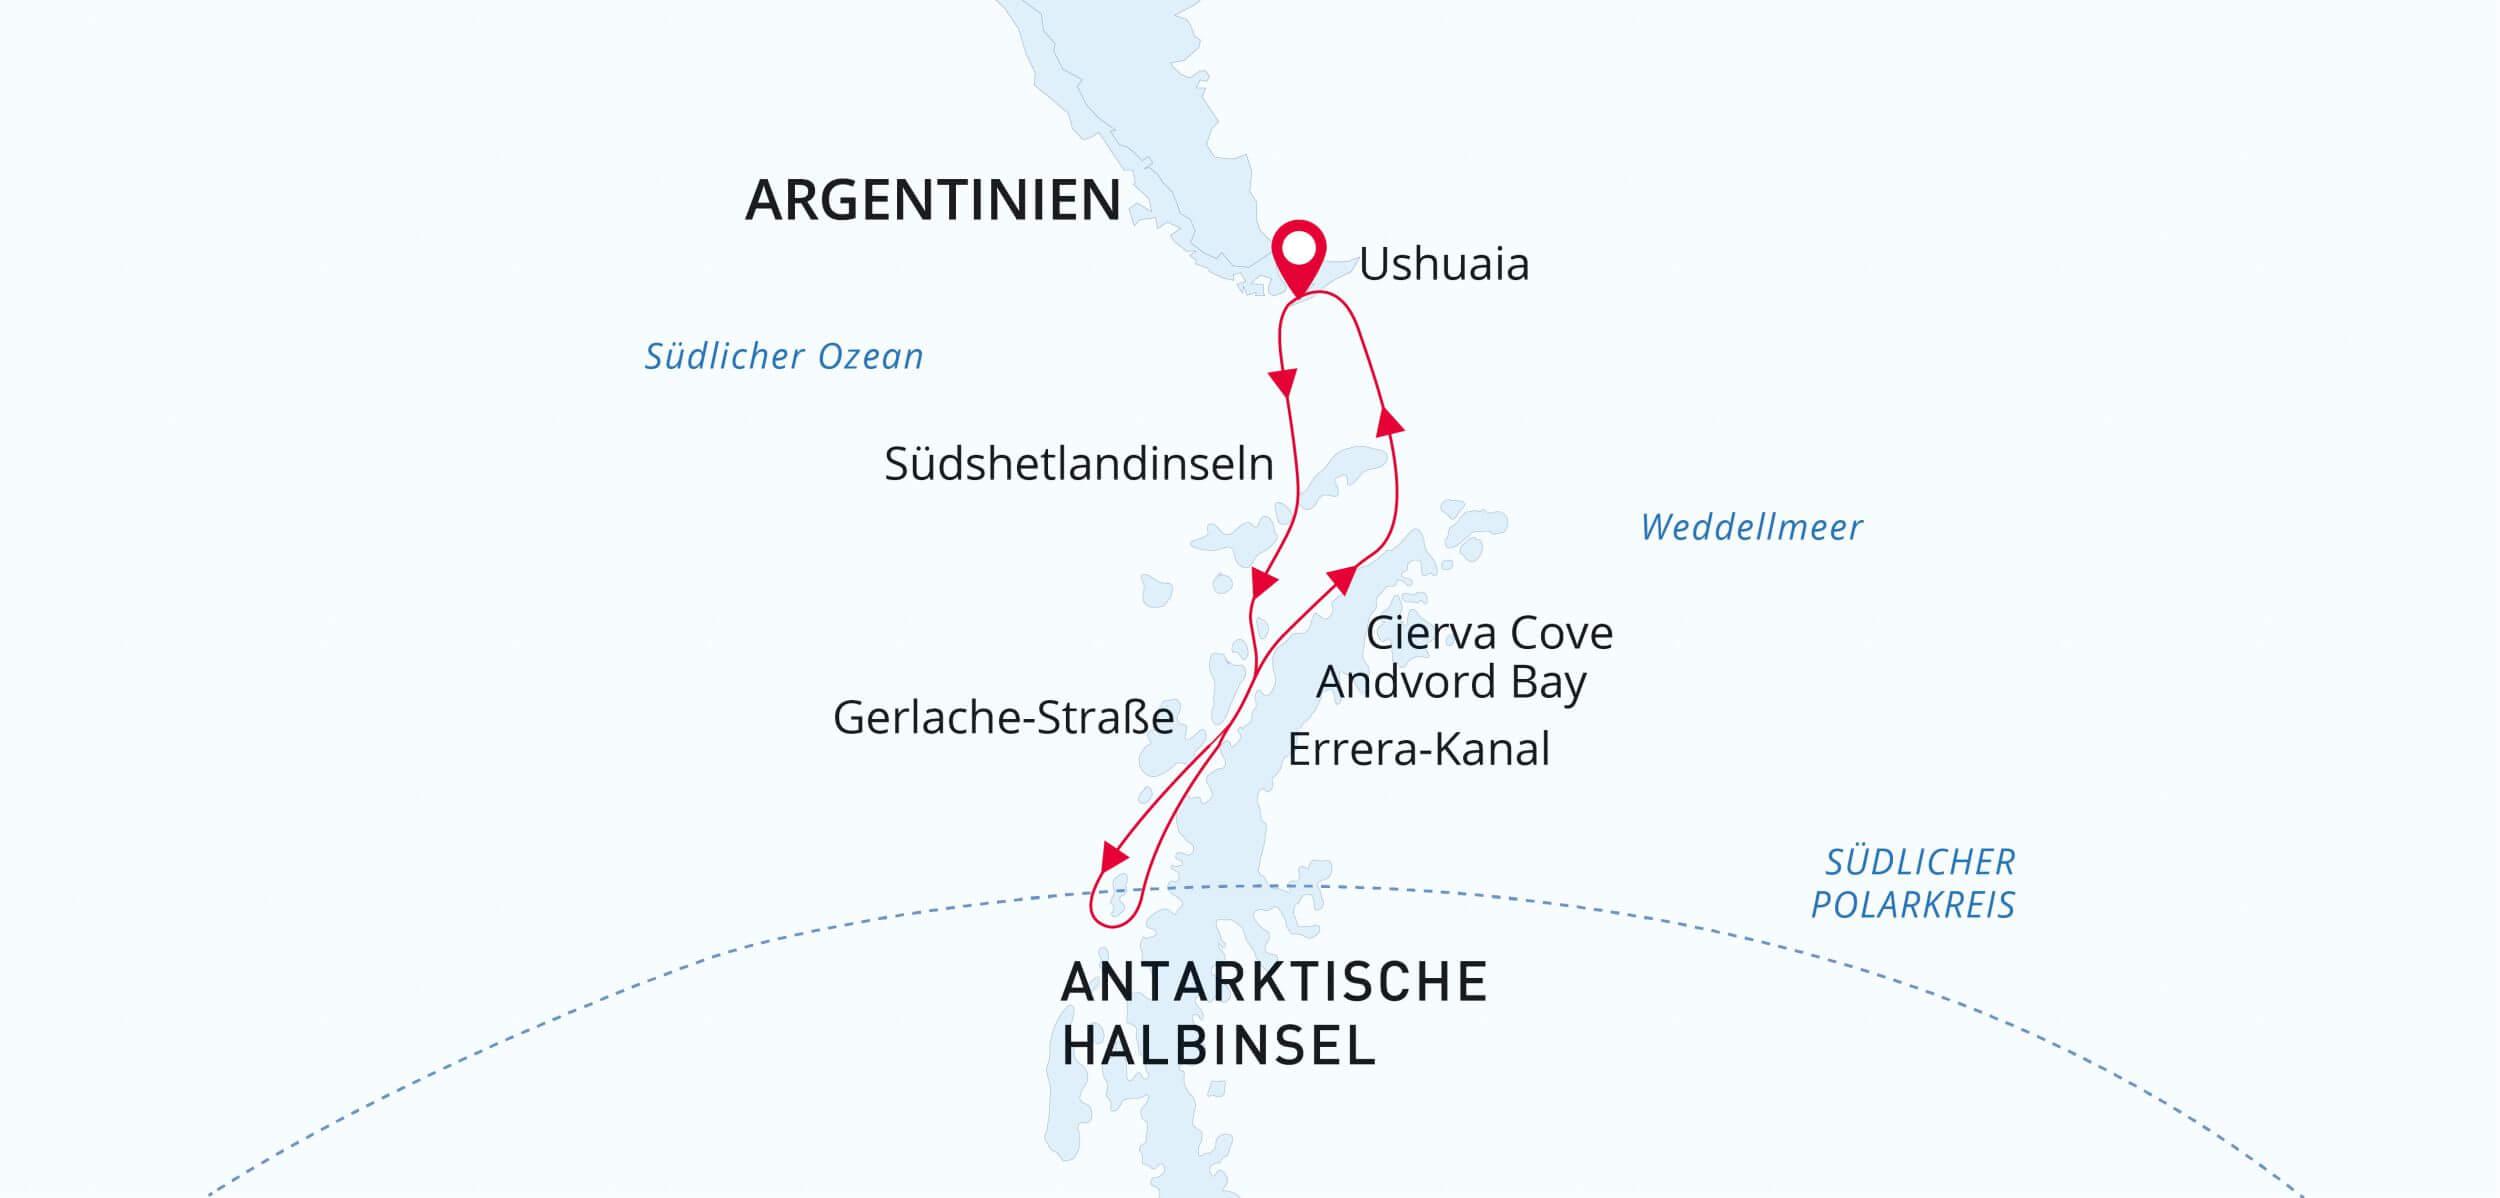 Ihre Route